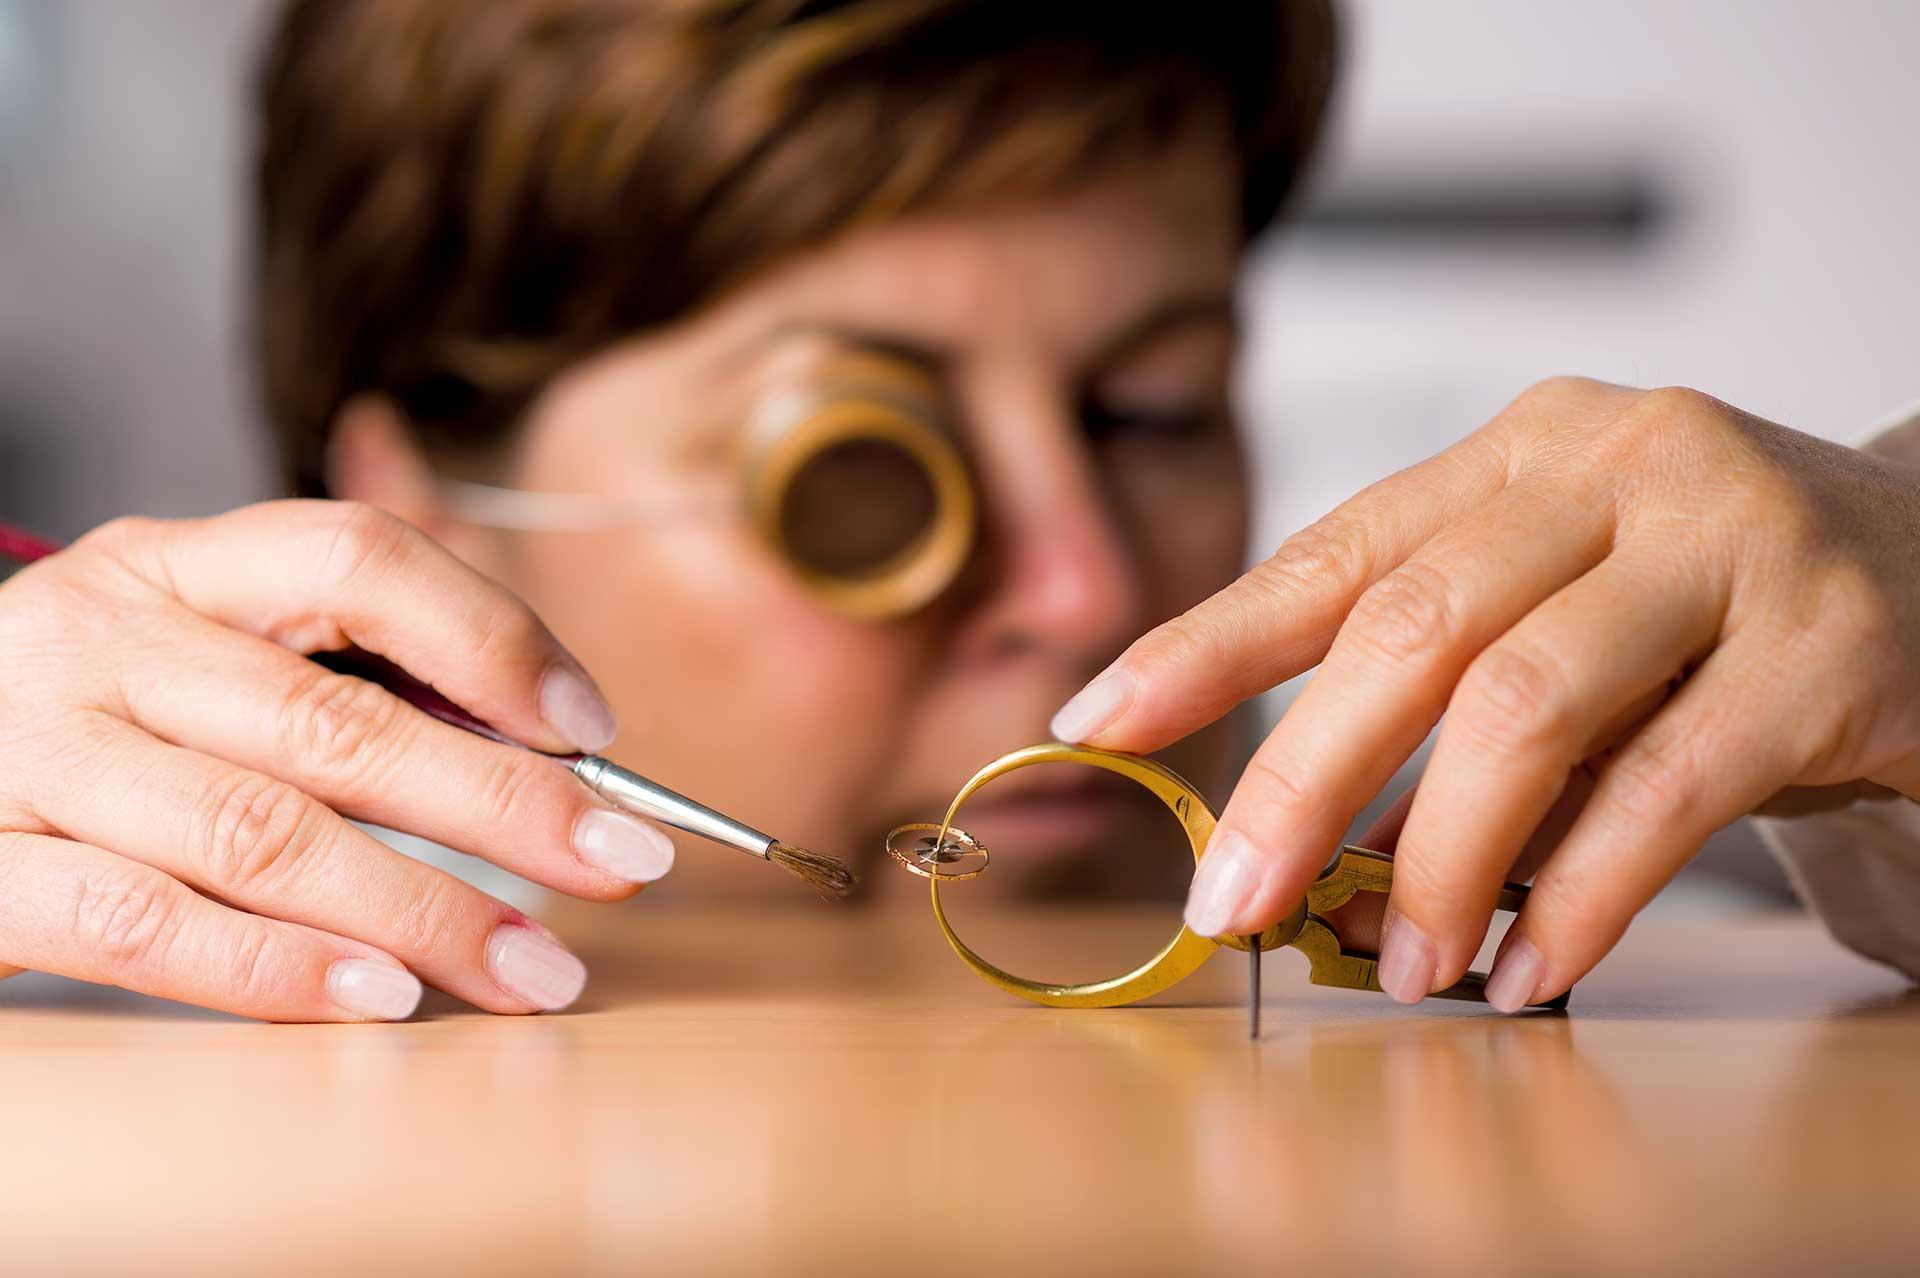 Zur Prüfung des Rundlaufs wird die Unruh mitsamt Spirale in dieser Vorrichtung gedreht und mit kritischem Auge begutachtet, ggf. wird dann von Hand nachjustiert.